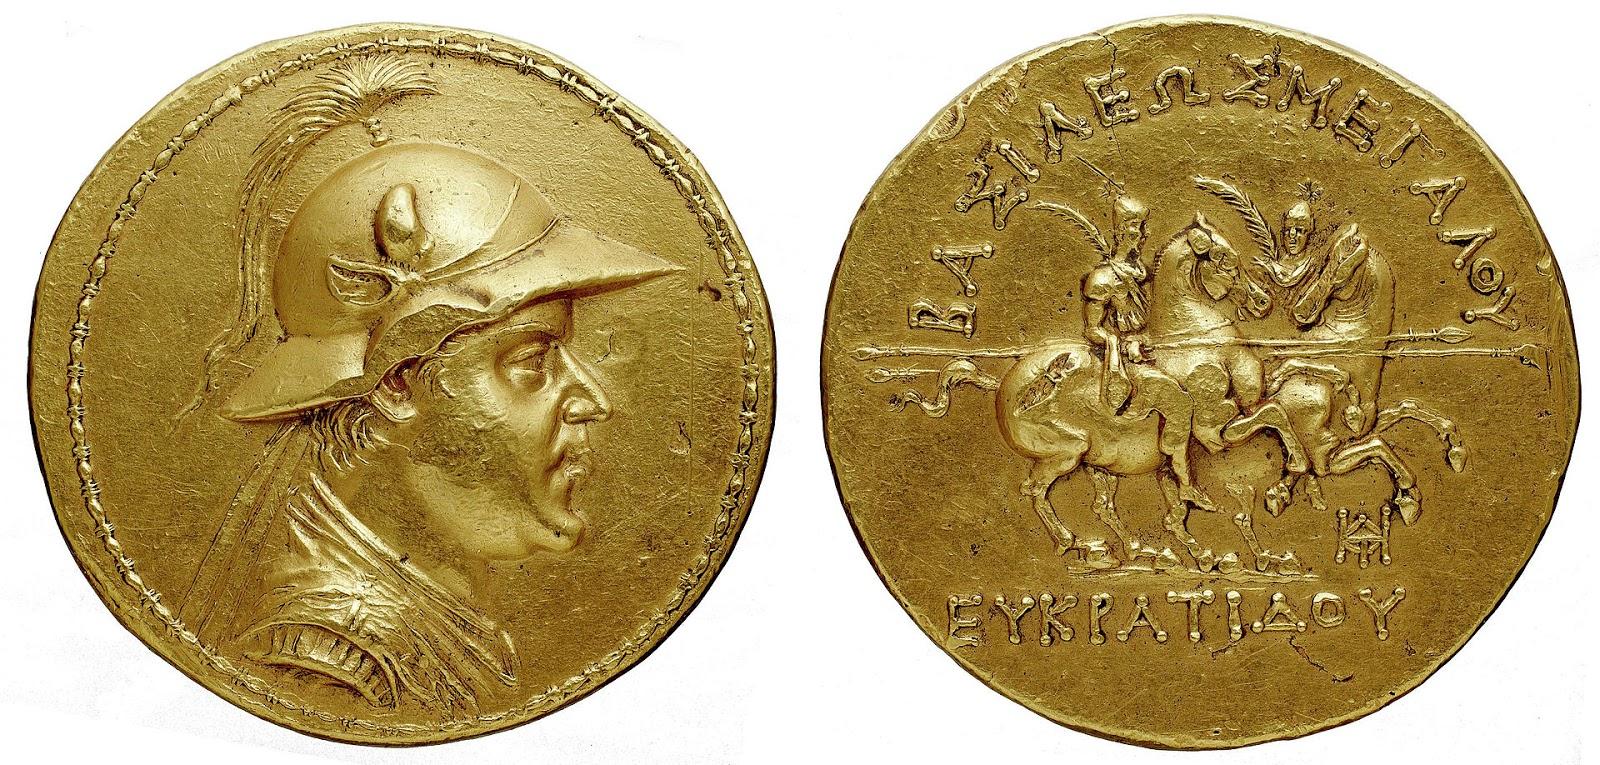 Золотая монета греко-бактрийского царя базилевса евкратида i.